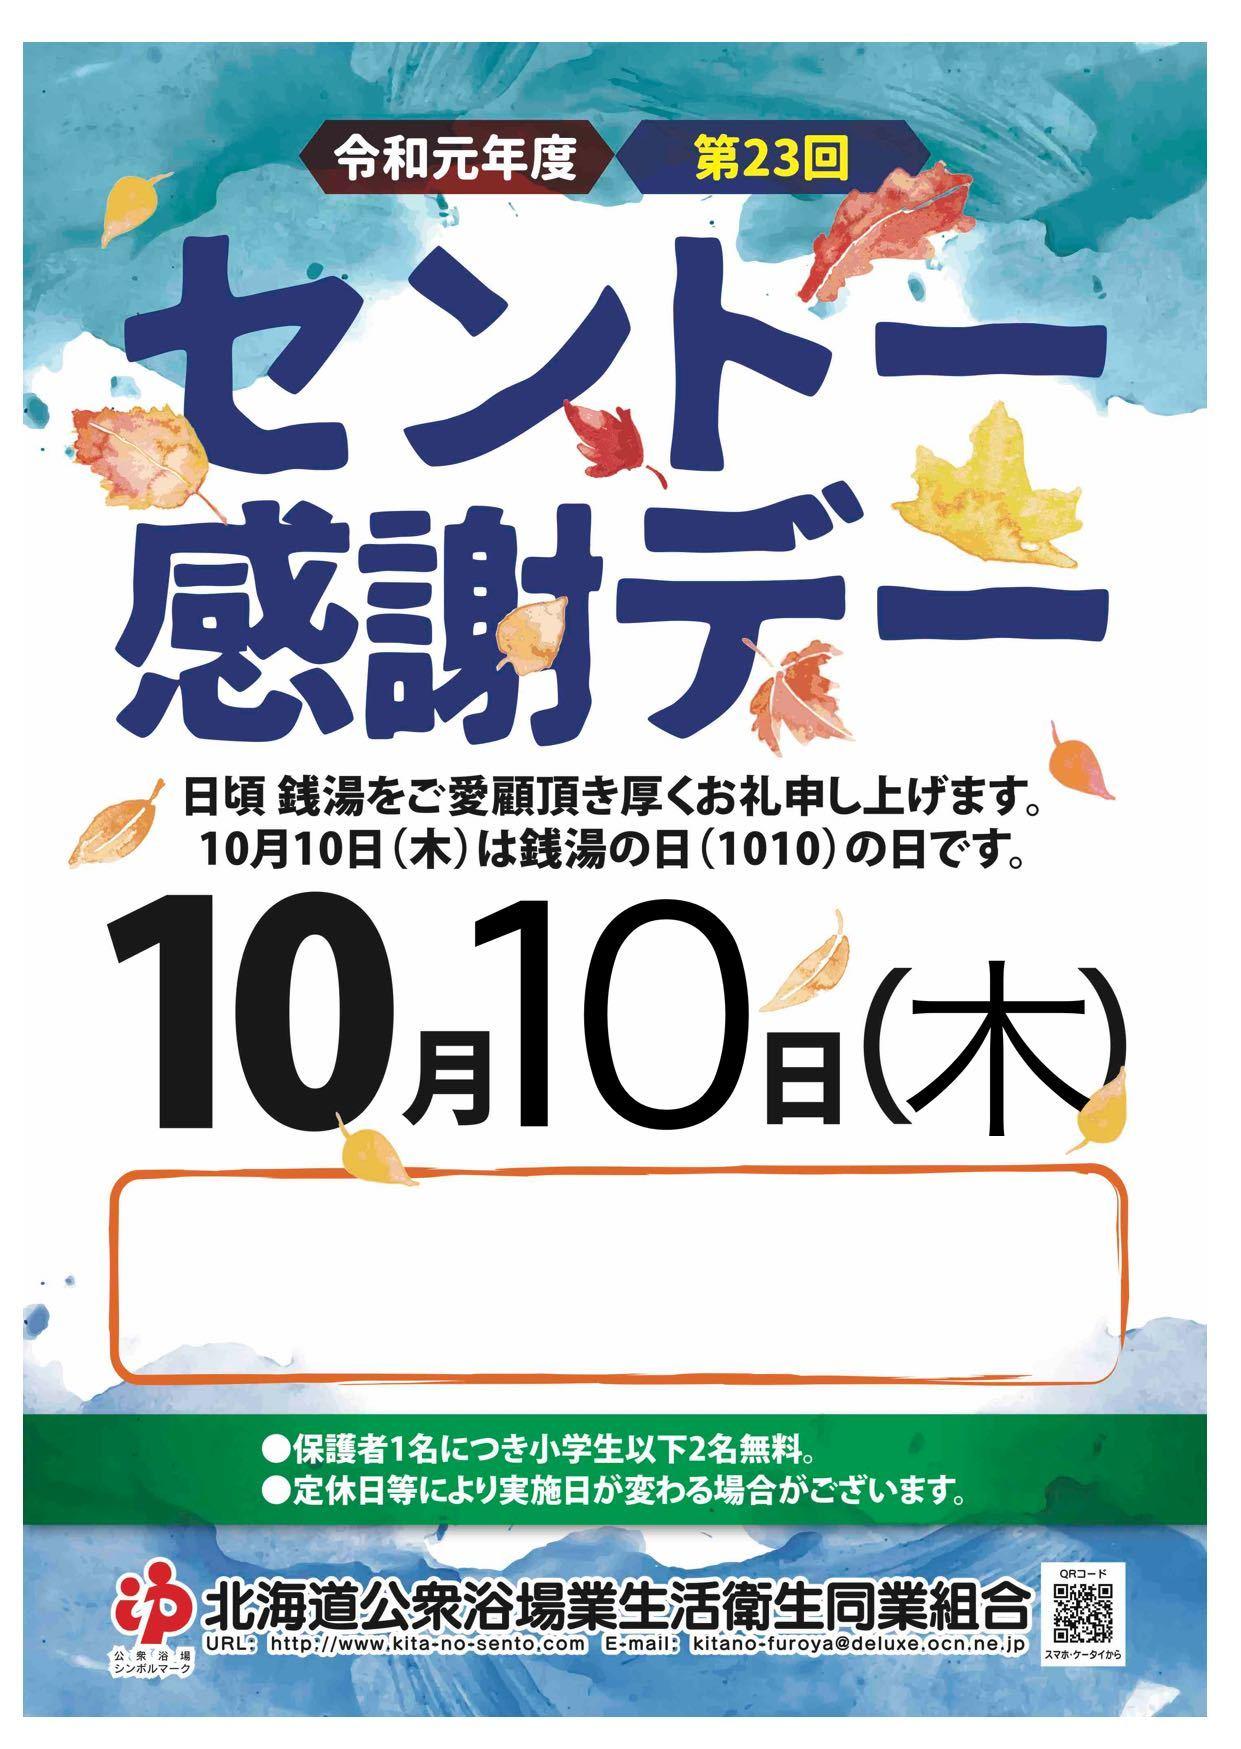 ☆10月10日(木)は銭湯の日!第23回銭湯感謝デー!☆